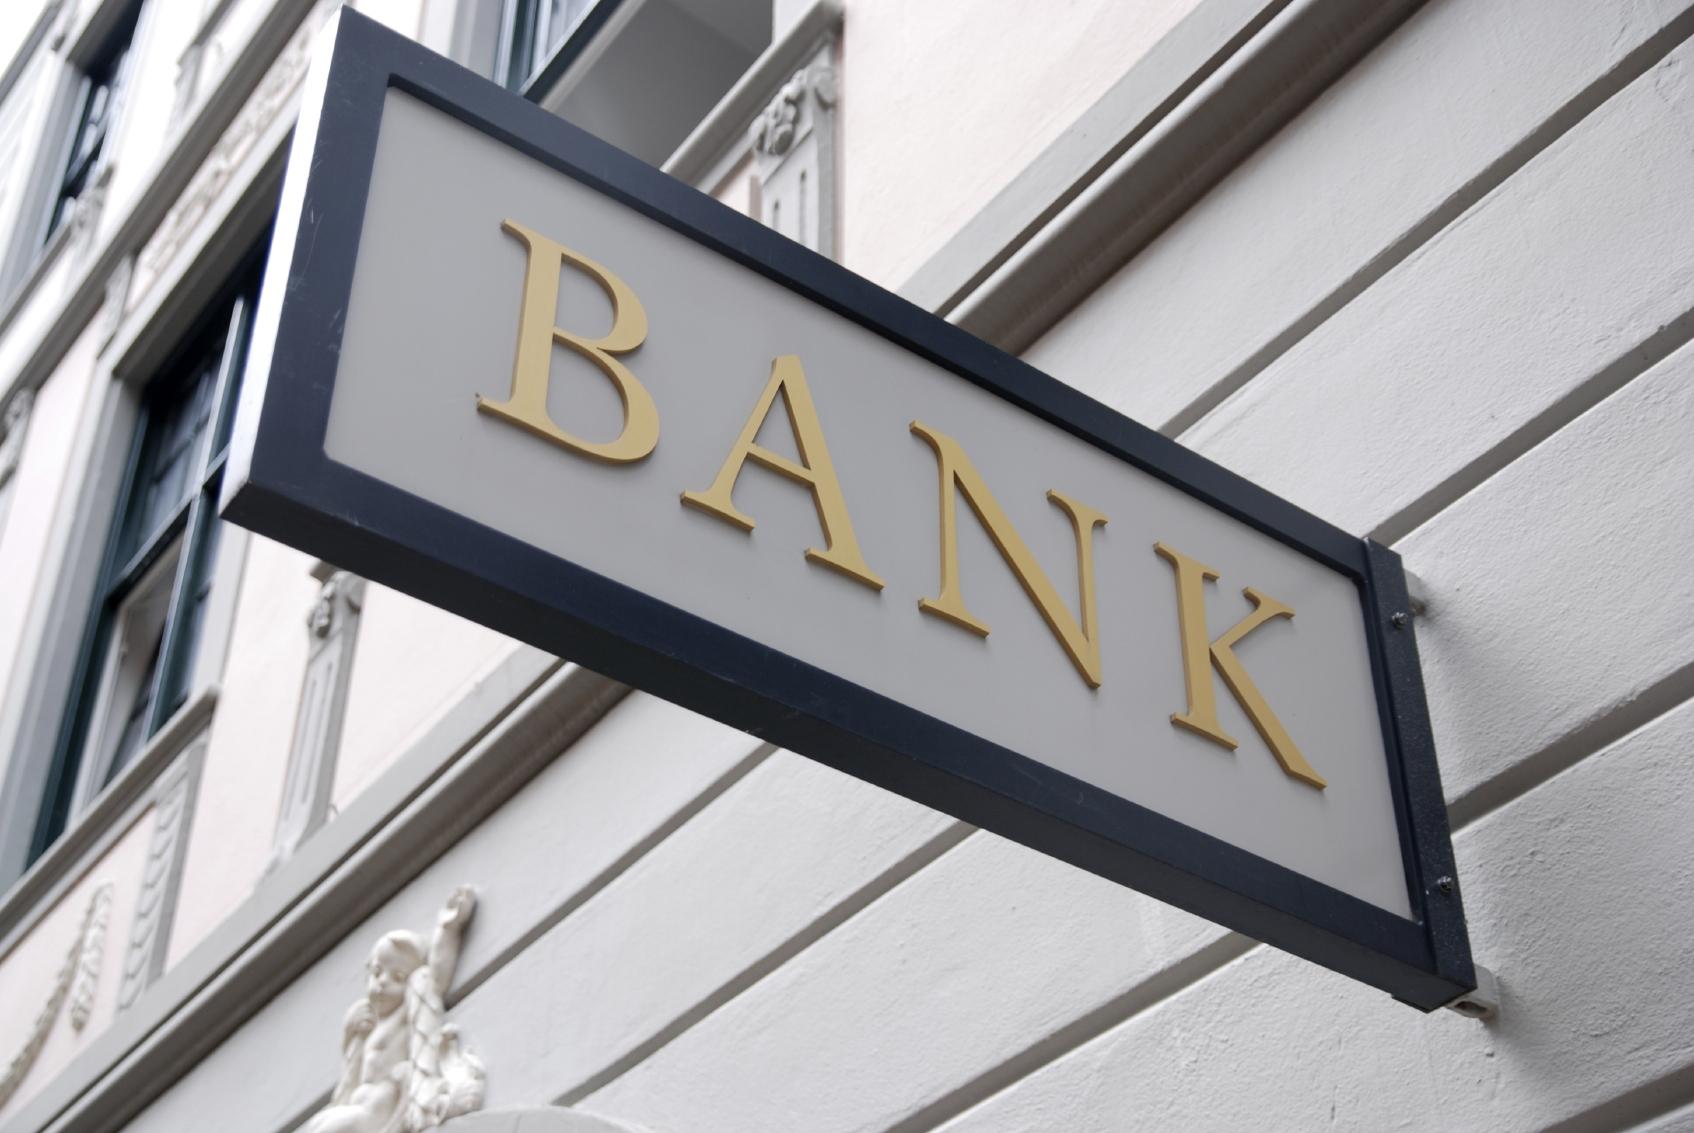 अपतटीय बैंक खाता ऑनलाइन खोलें अपतटीय कंपनी बैंक खाता ऑनलाइन खोलें खाता ऑनलाइन खोलें